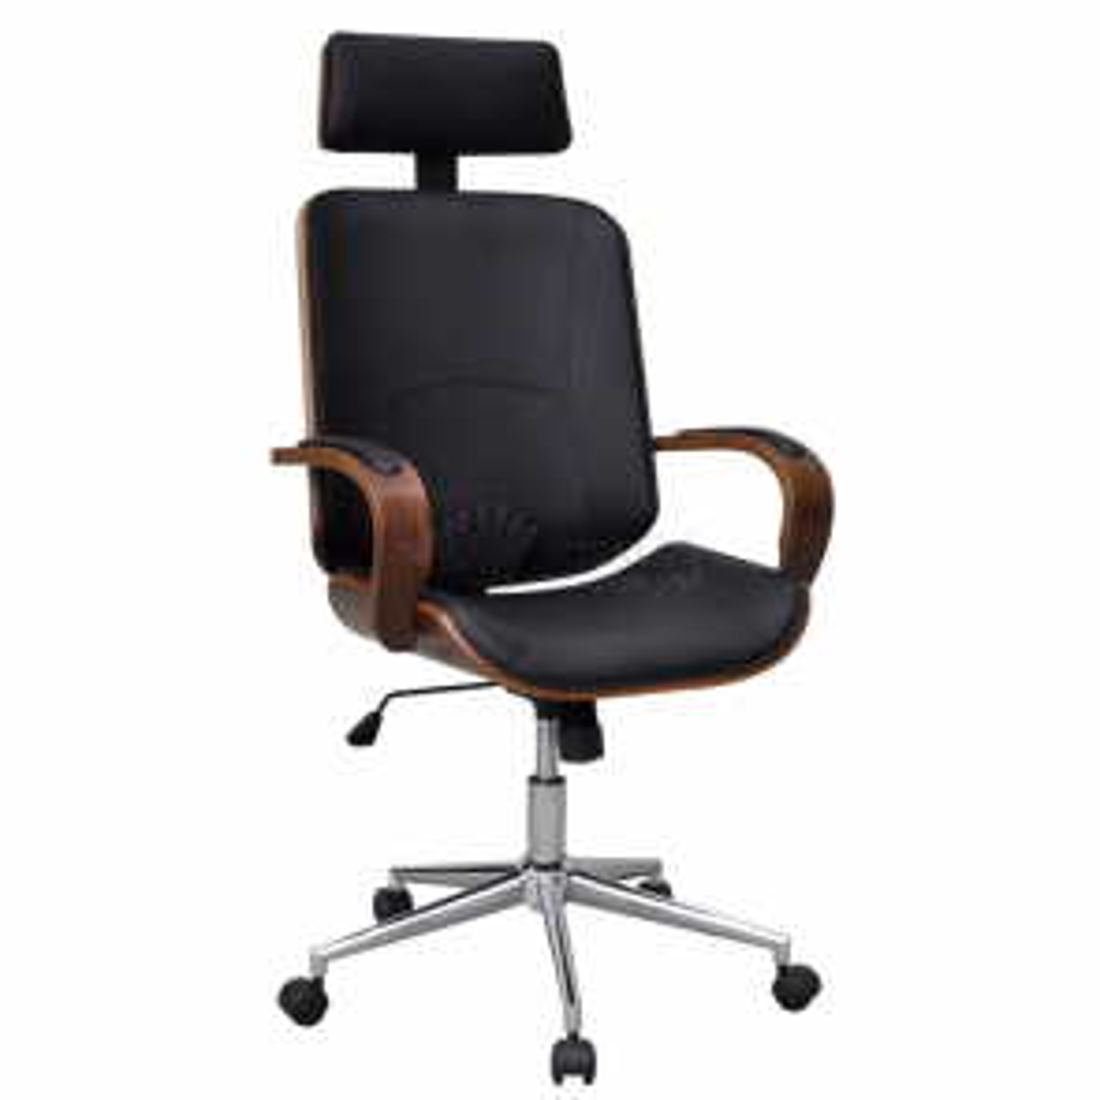 Otočná kancelářská ohýbaná koženková židle s opěrkou hlavy